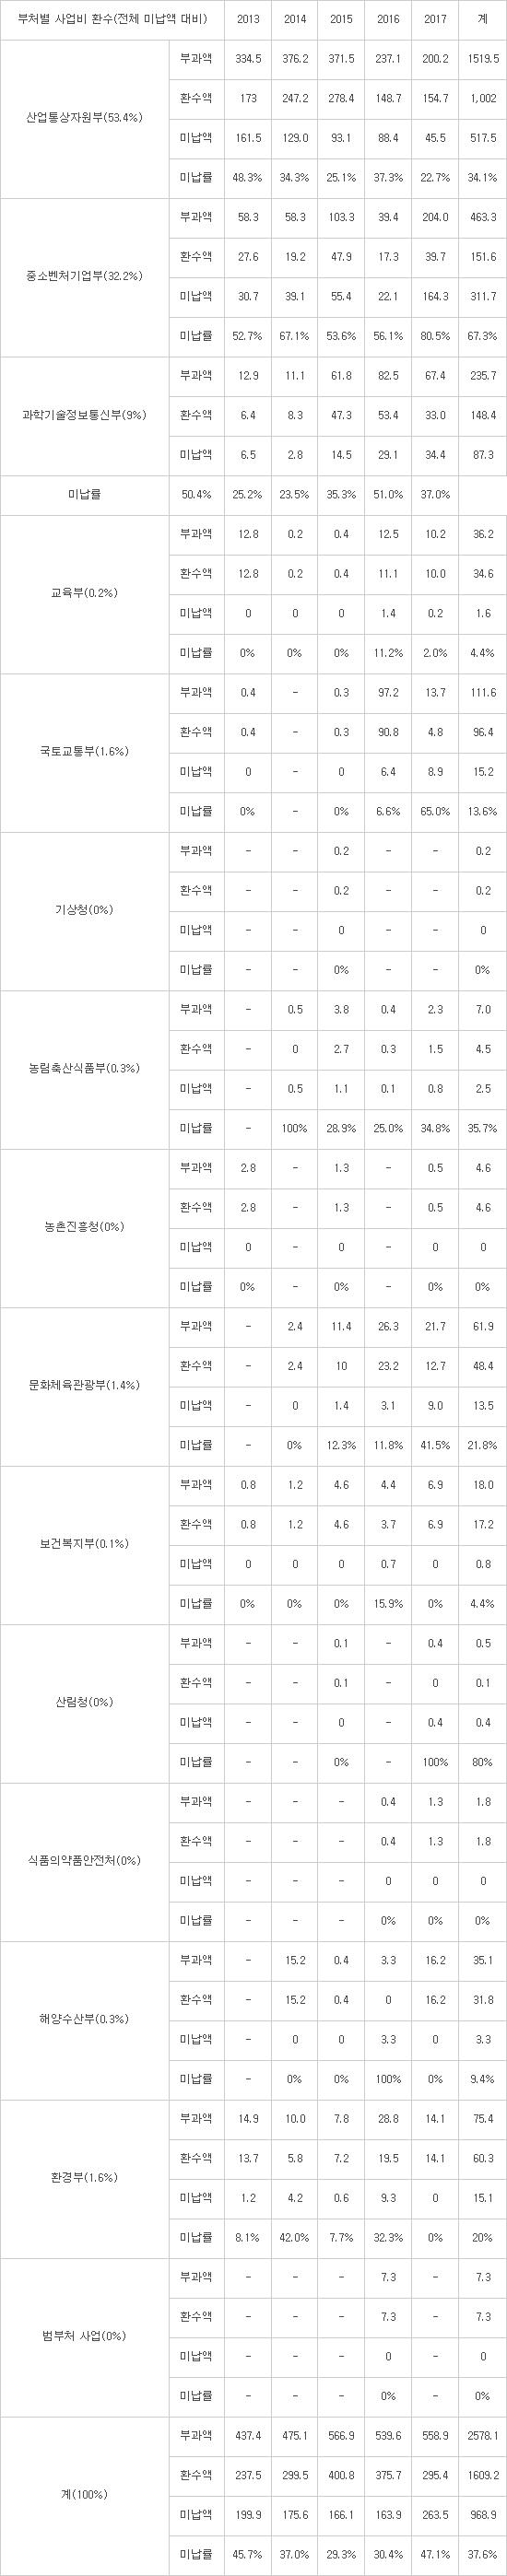 """부실 R&D 연구비 환수 규정 '구멍'…김경진 의원 """"규정 강화해야"""""""